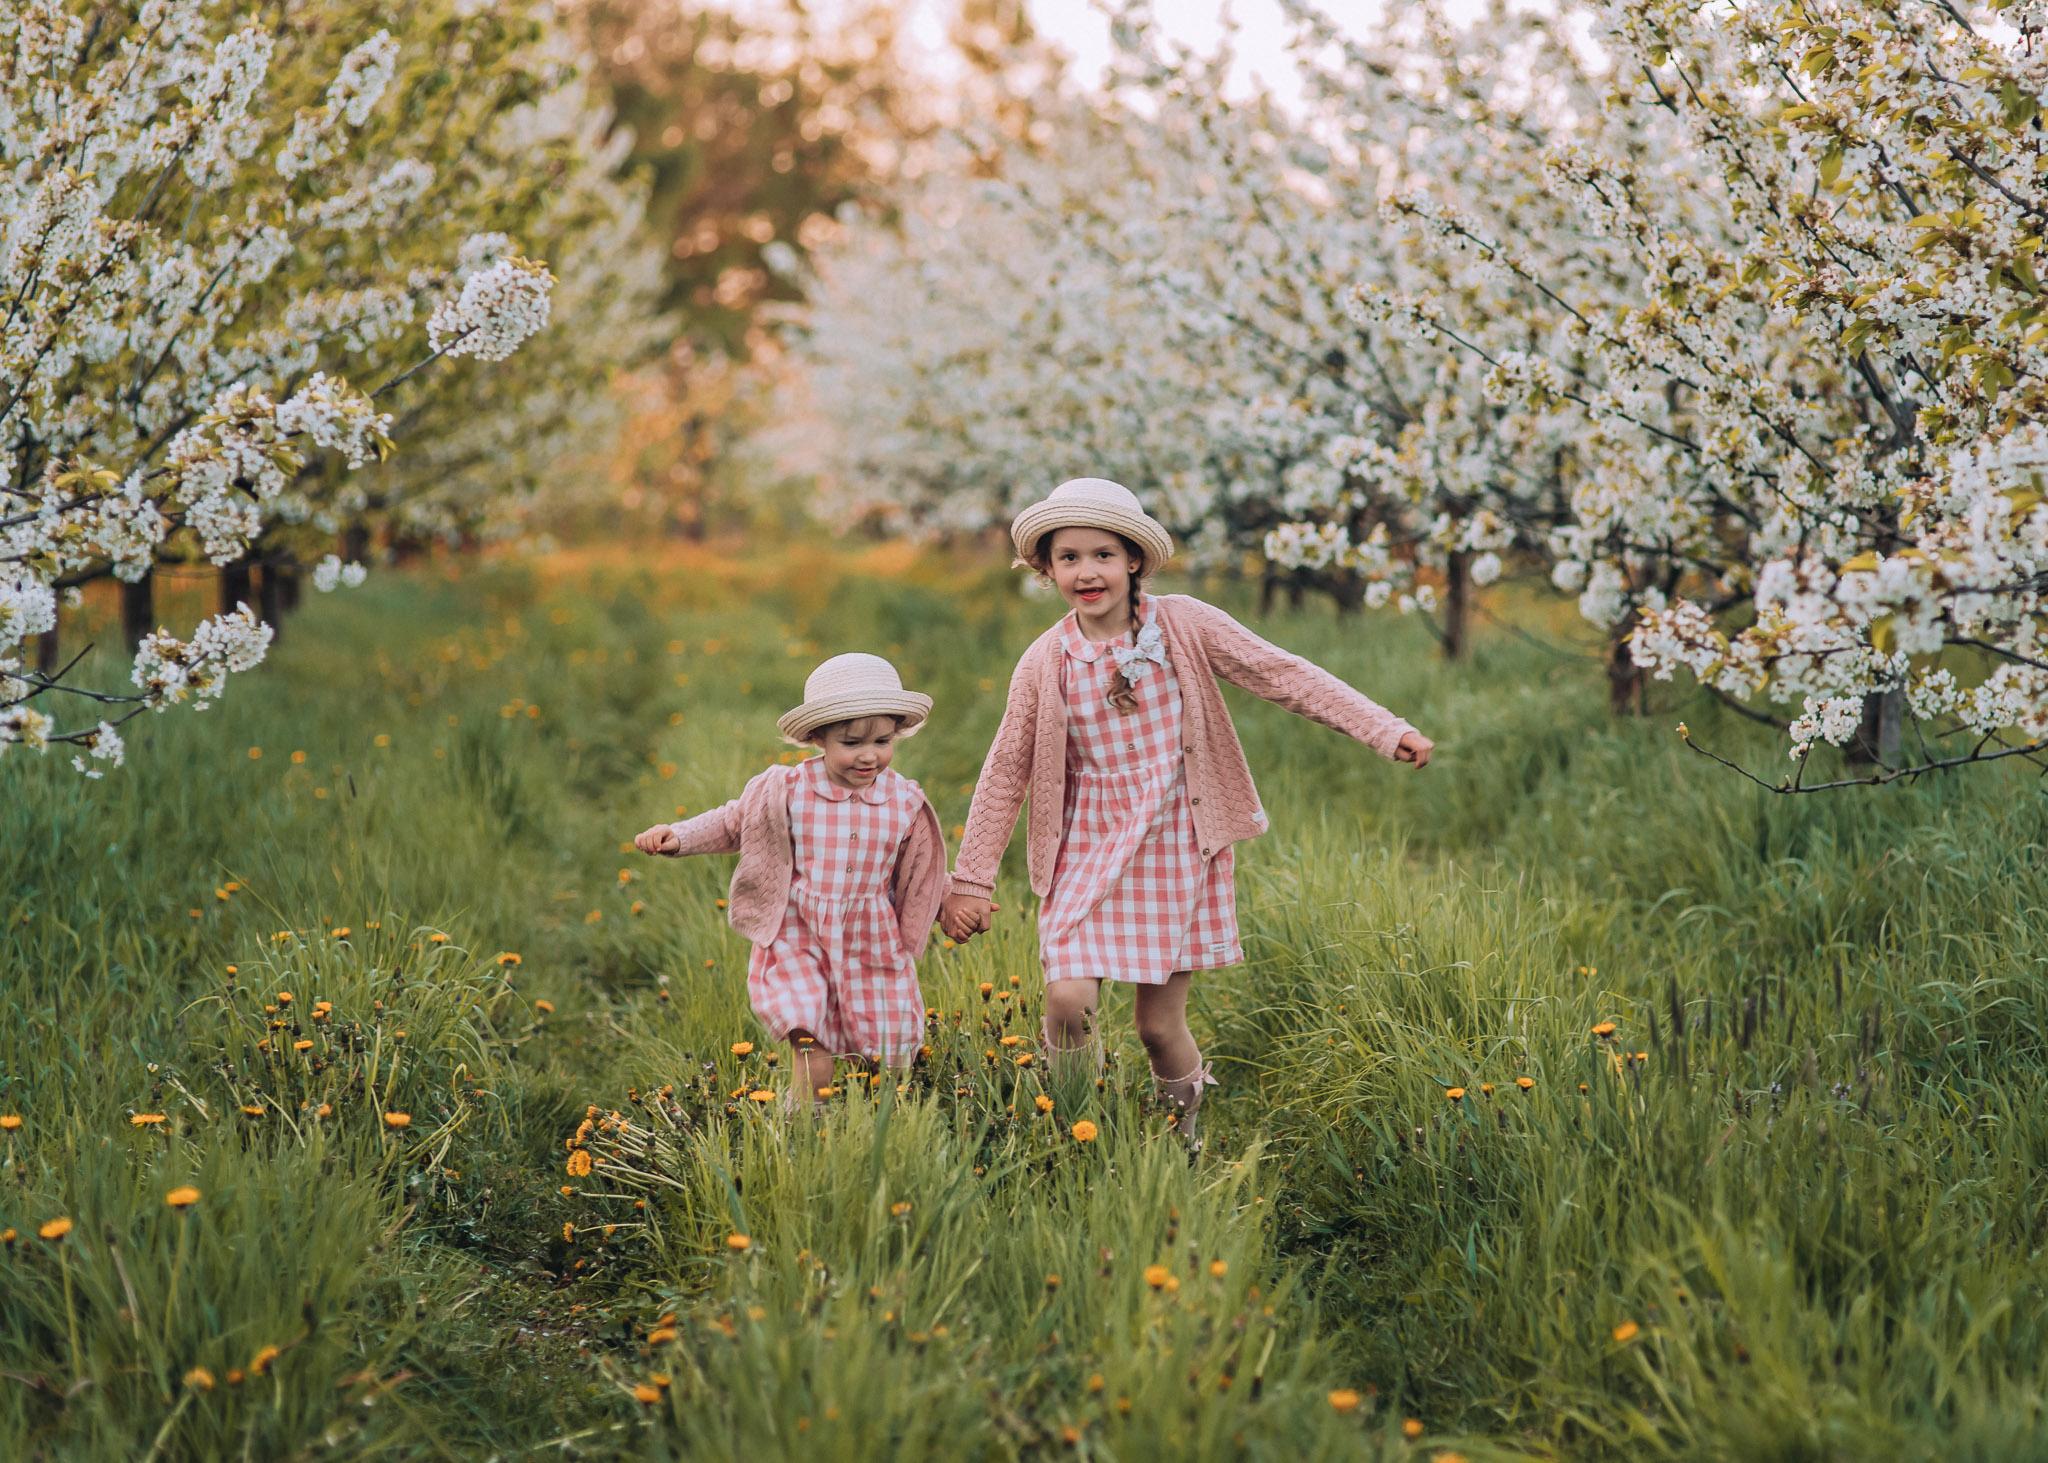 zdjęcia dziecięce w plenerze wiosna warszawa tarczyn konstancin piaseczno